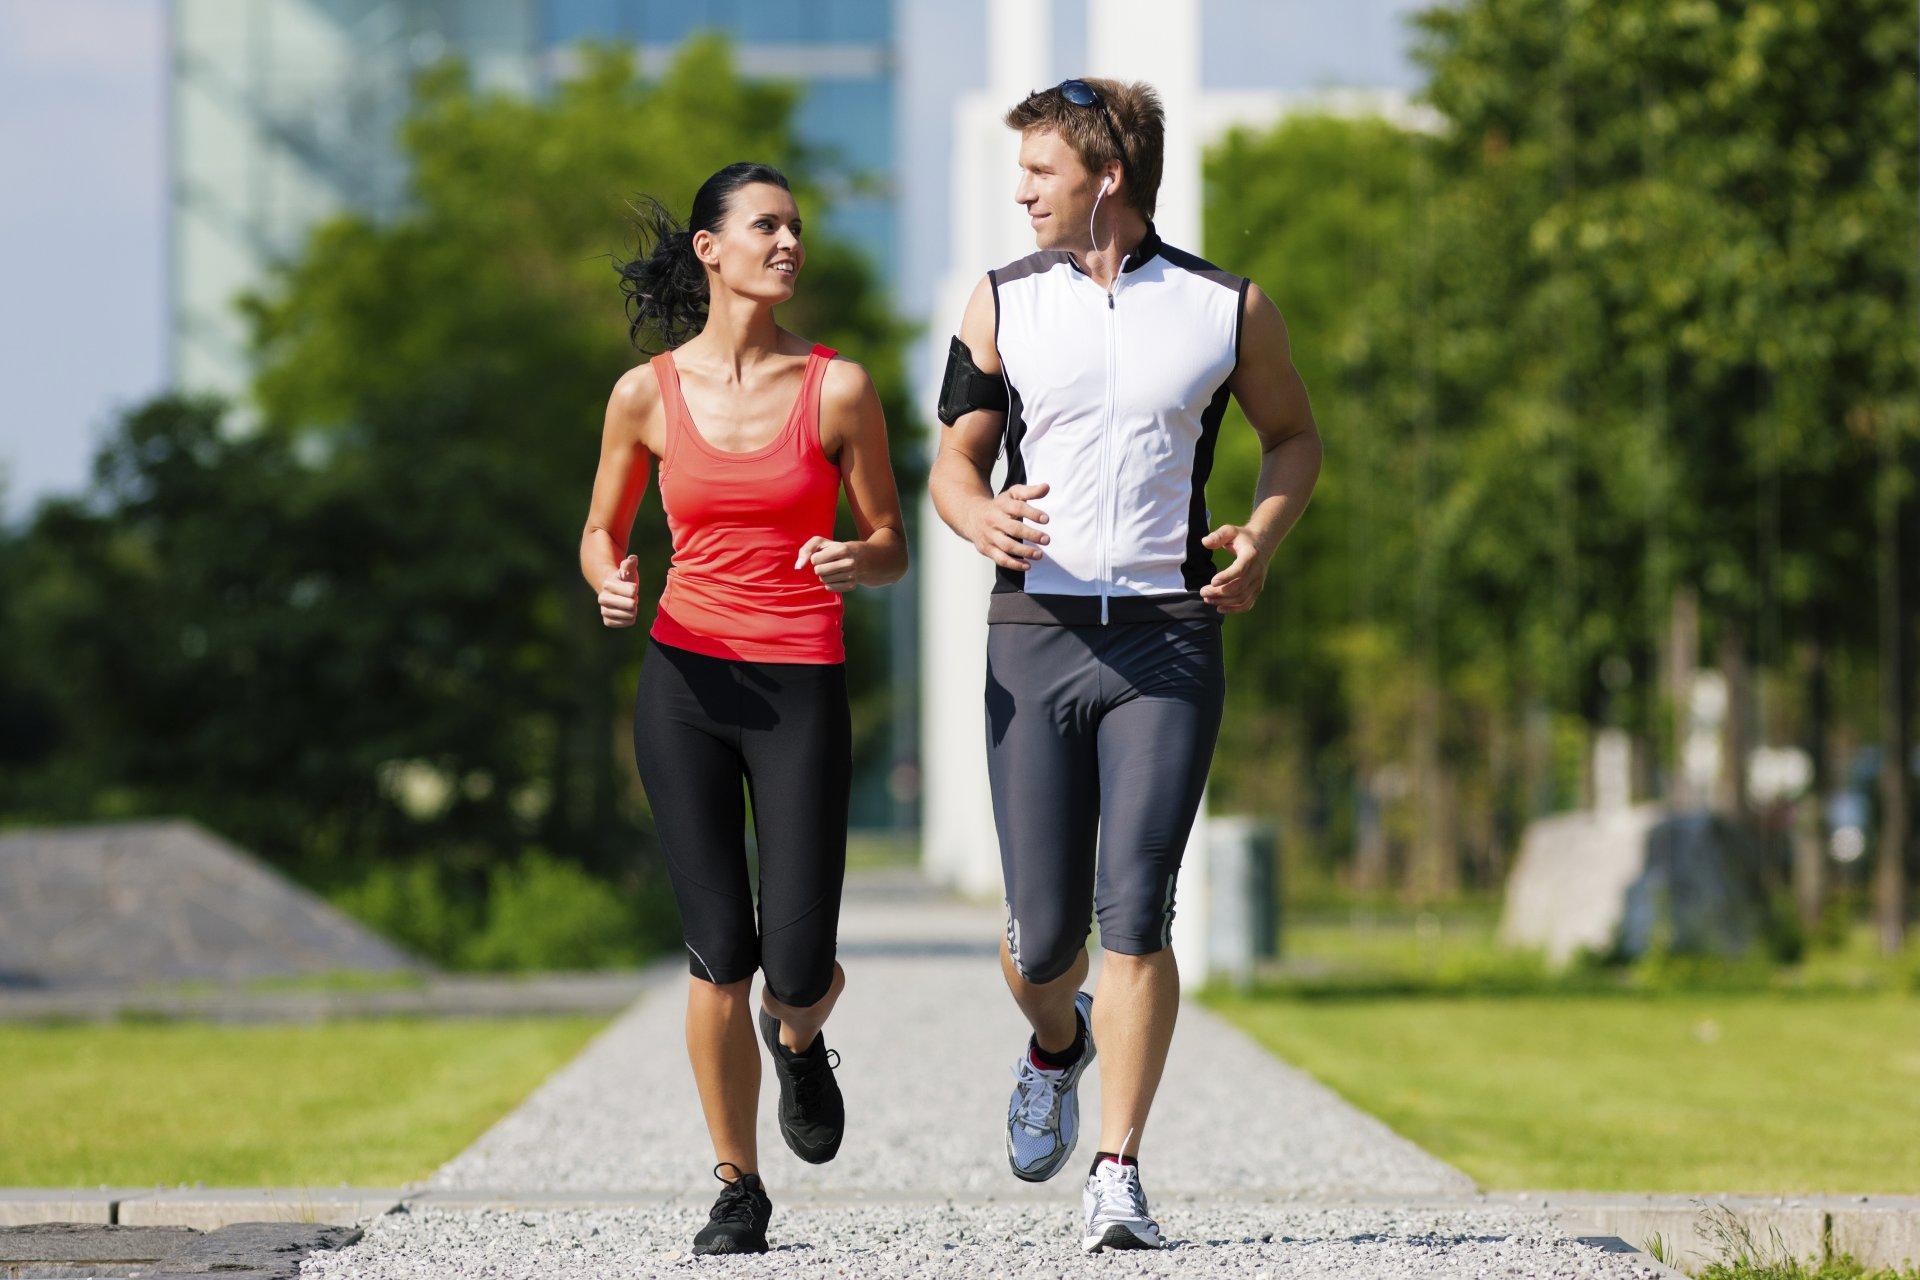 Ходьба для похудения: отзывы, результаты худеющих